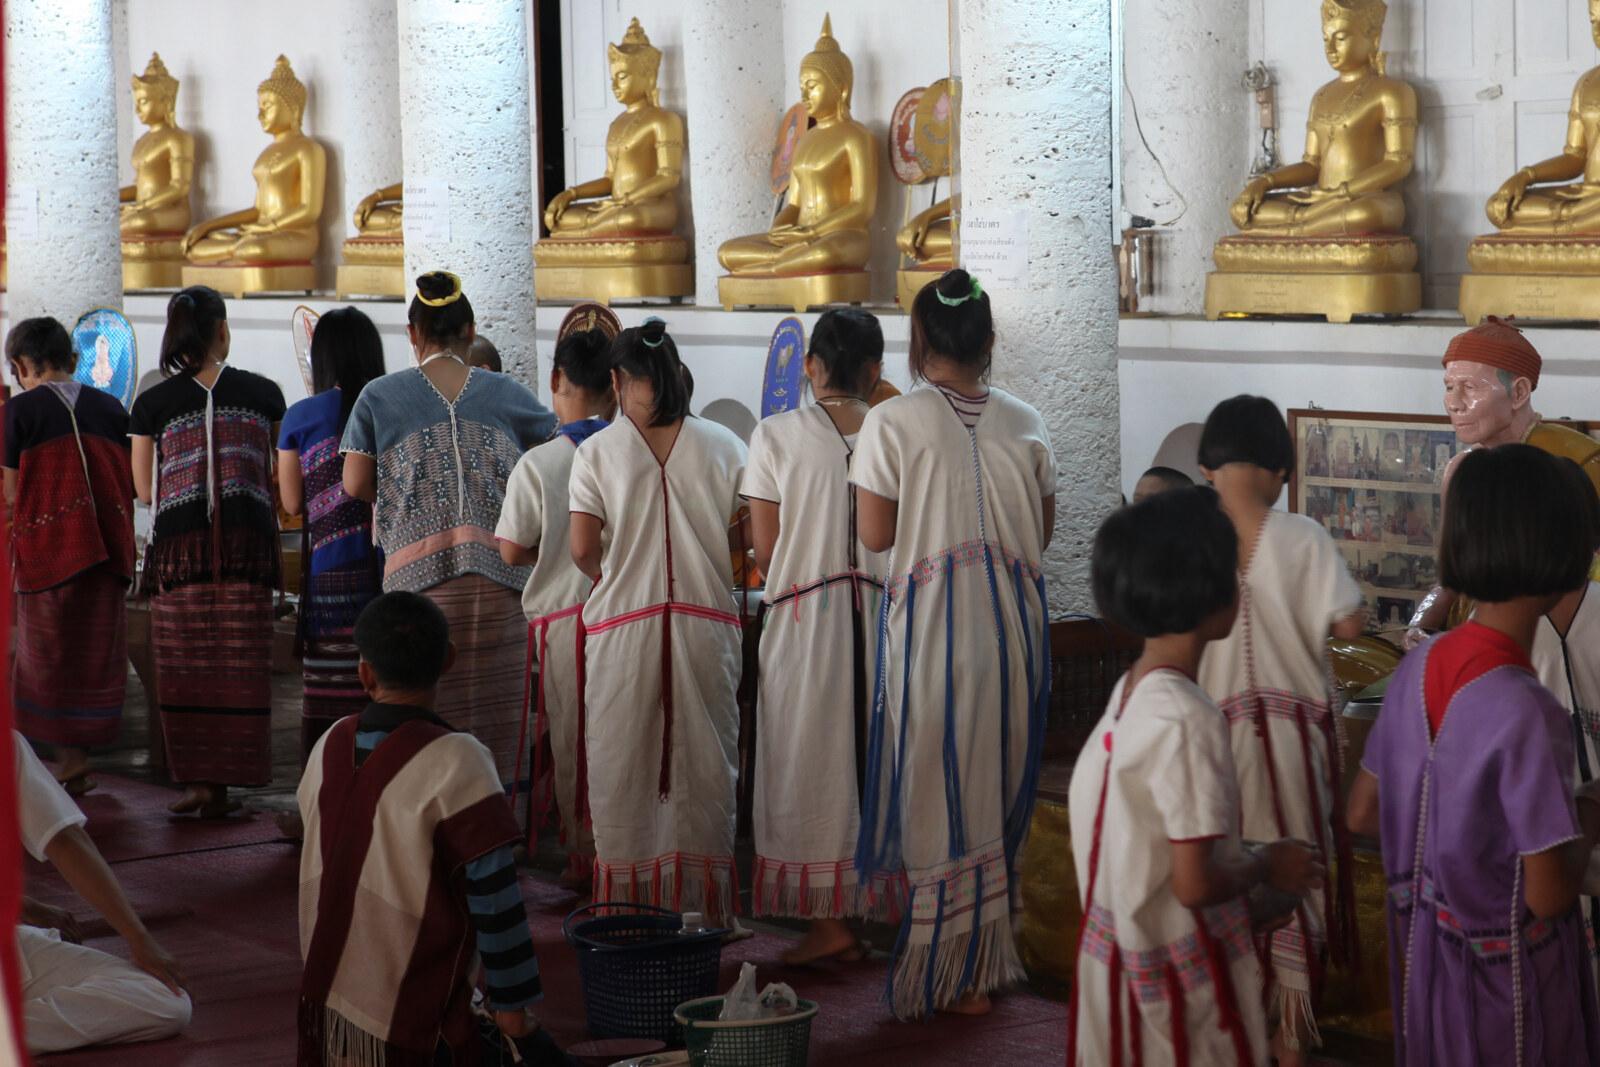 早朝のタンブン(徳を積むこと) - 敬虔な仏教徒であるカレン族は、早朝、境内で僧に食事を供える。